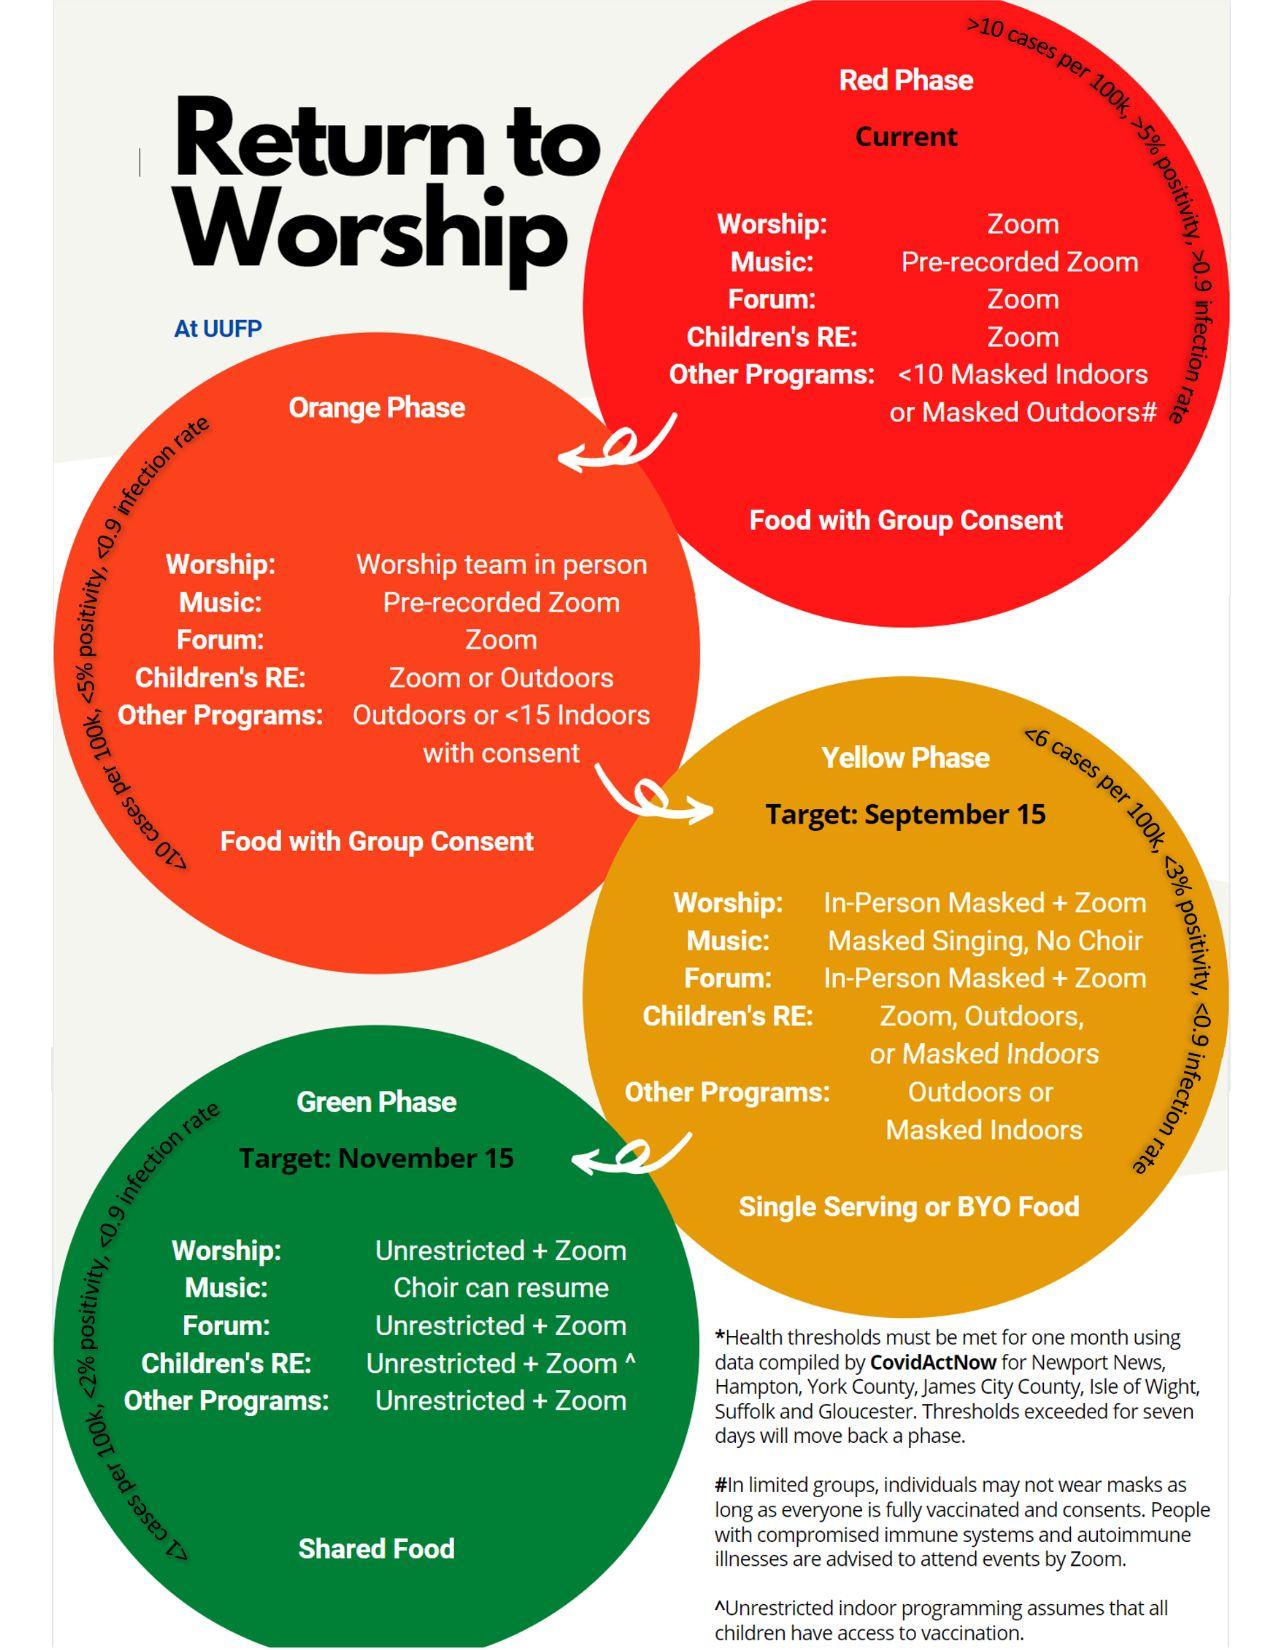 Return to worship graphic